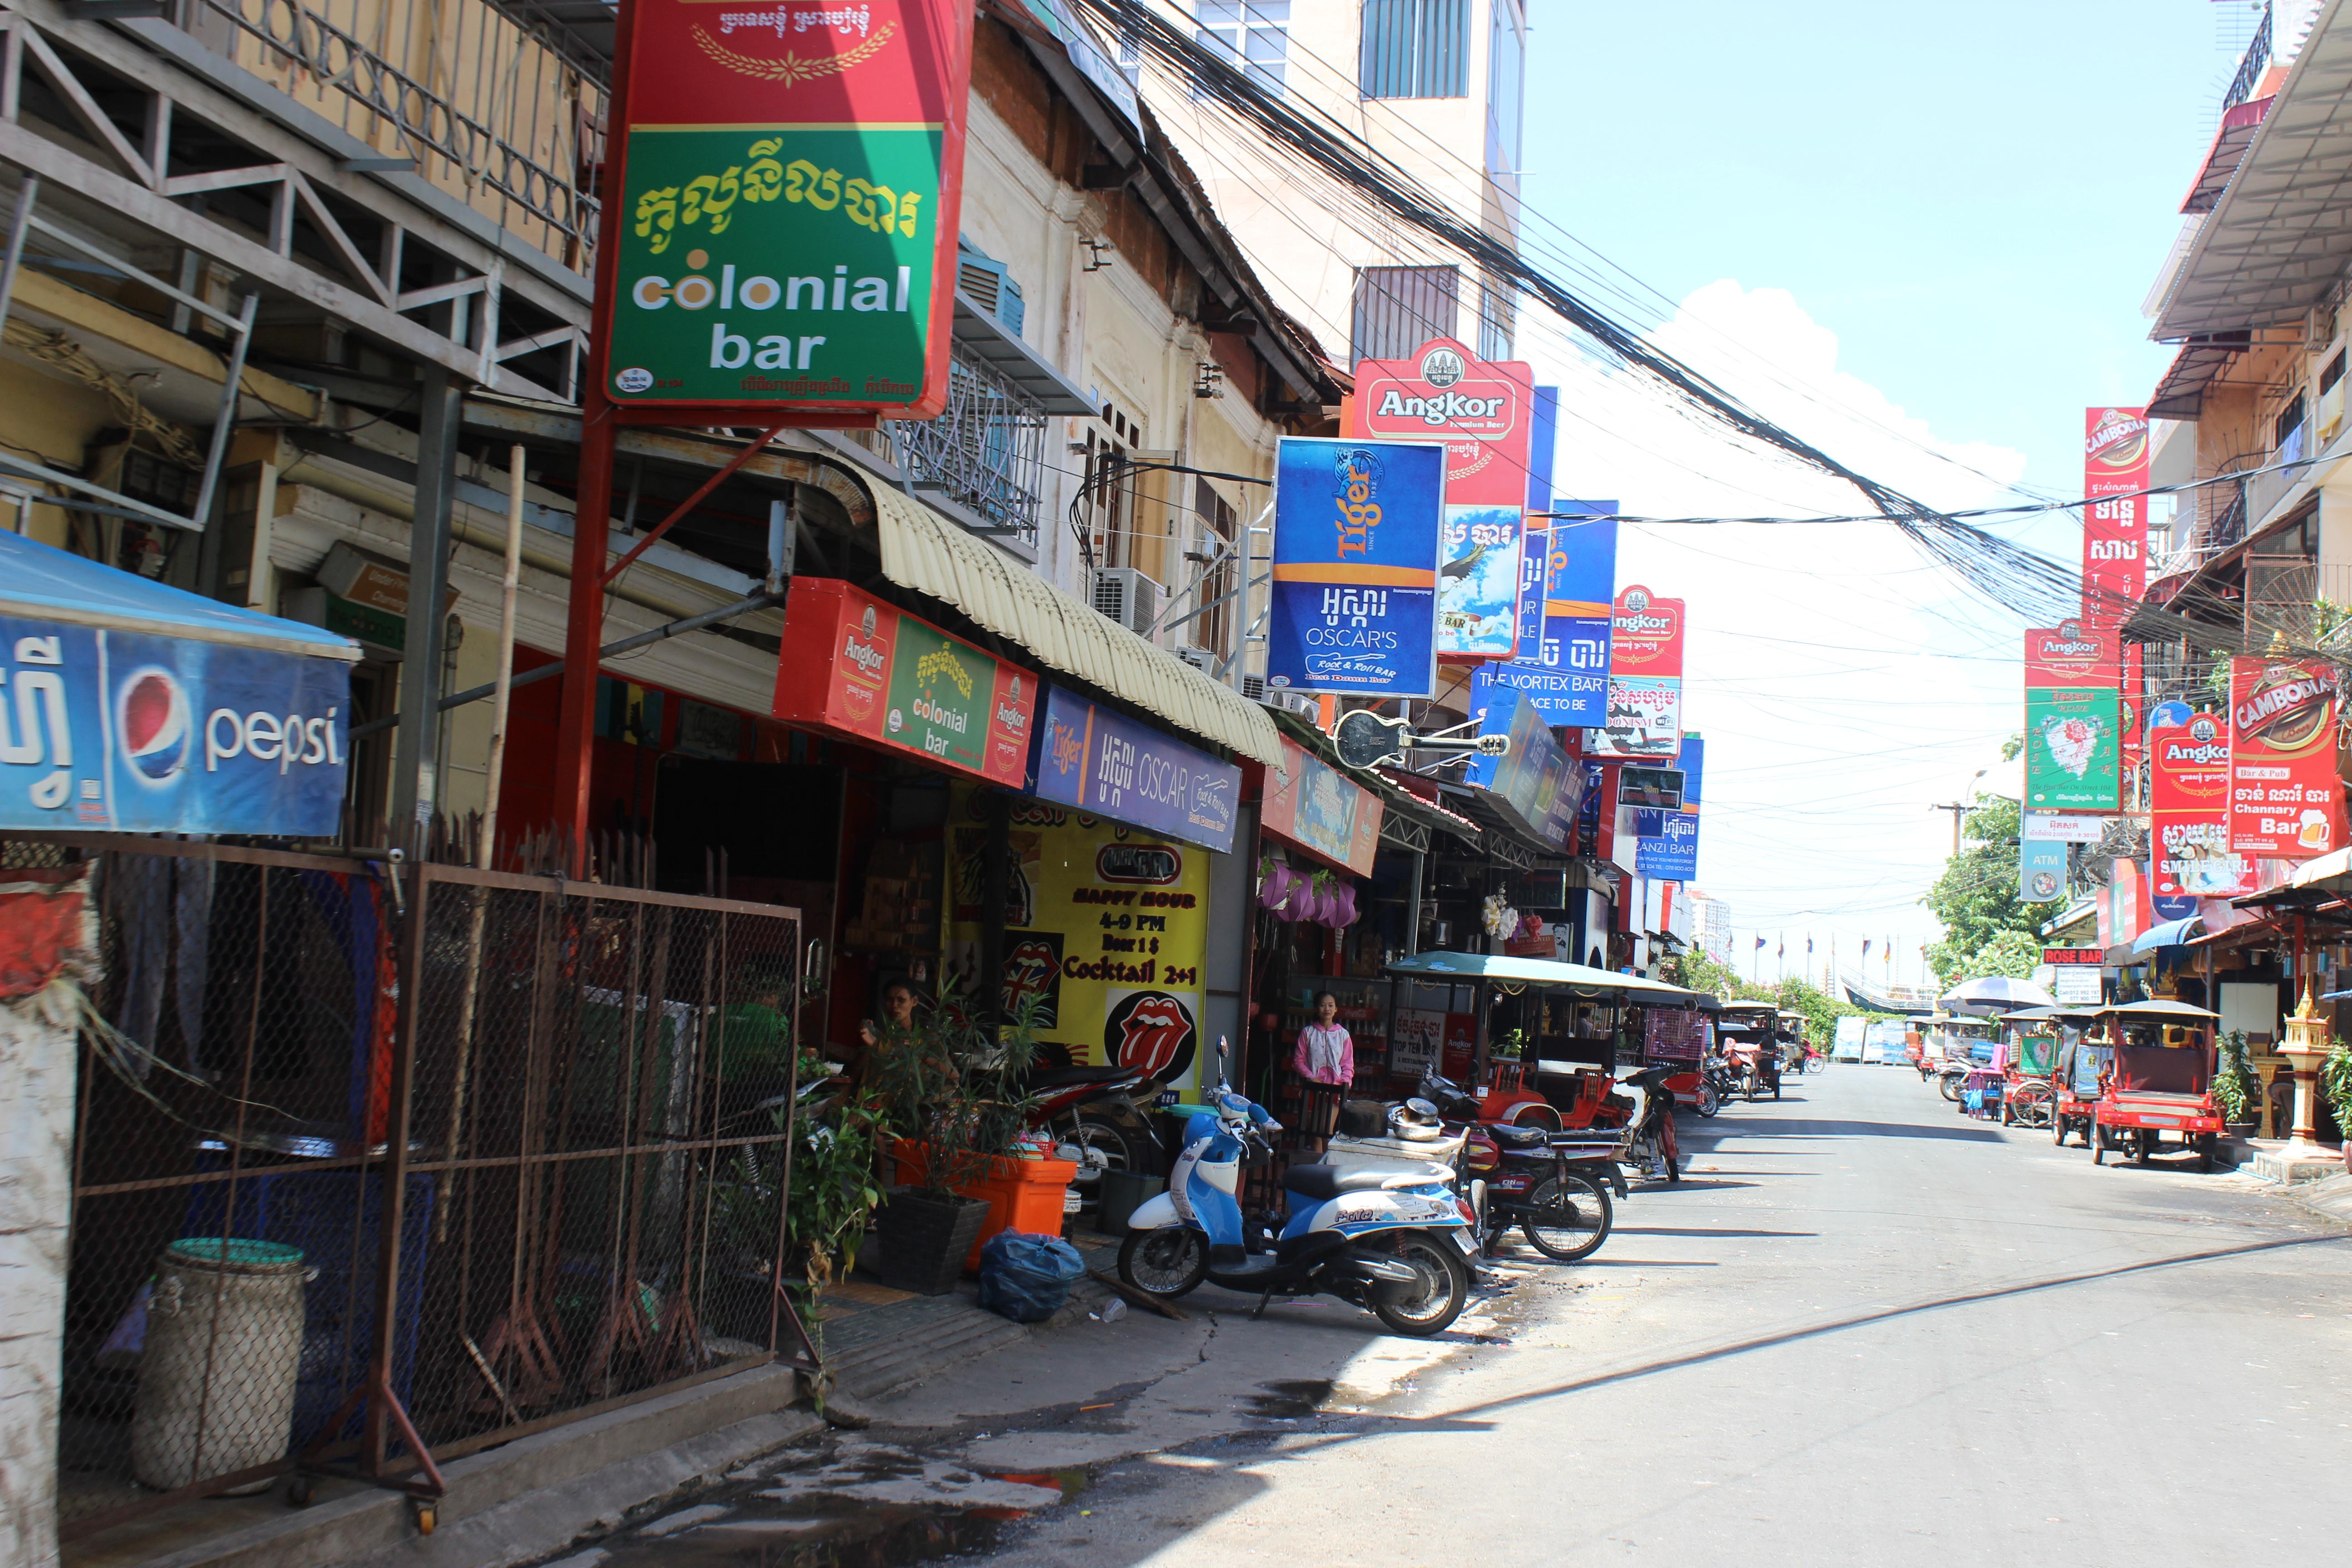 Camboya Pnom Phem 1